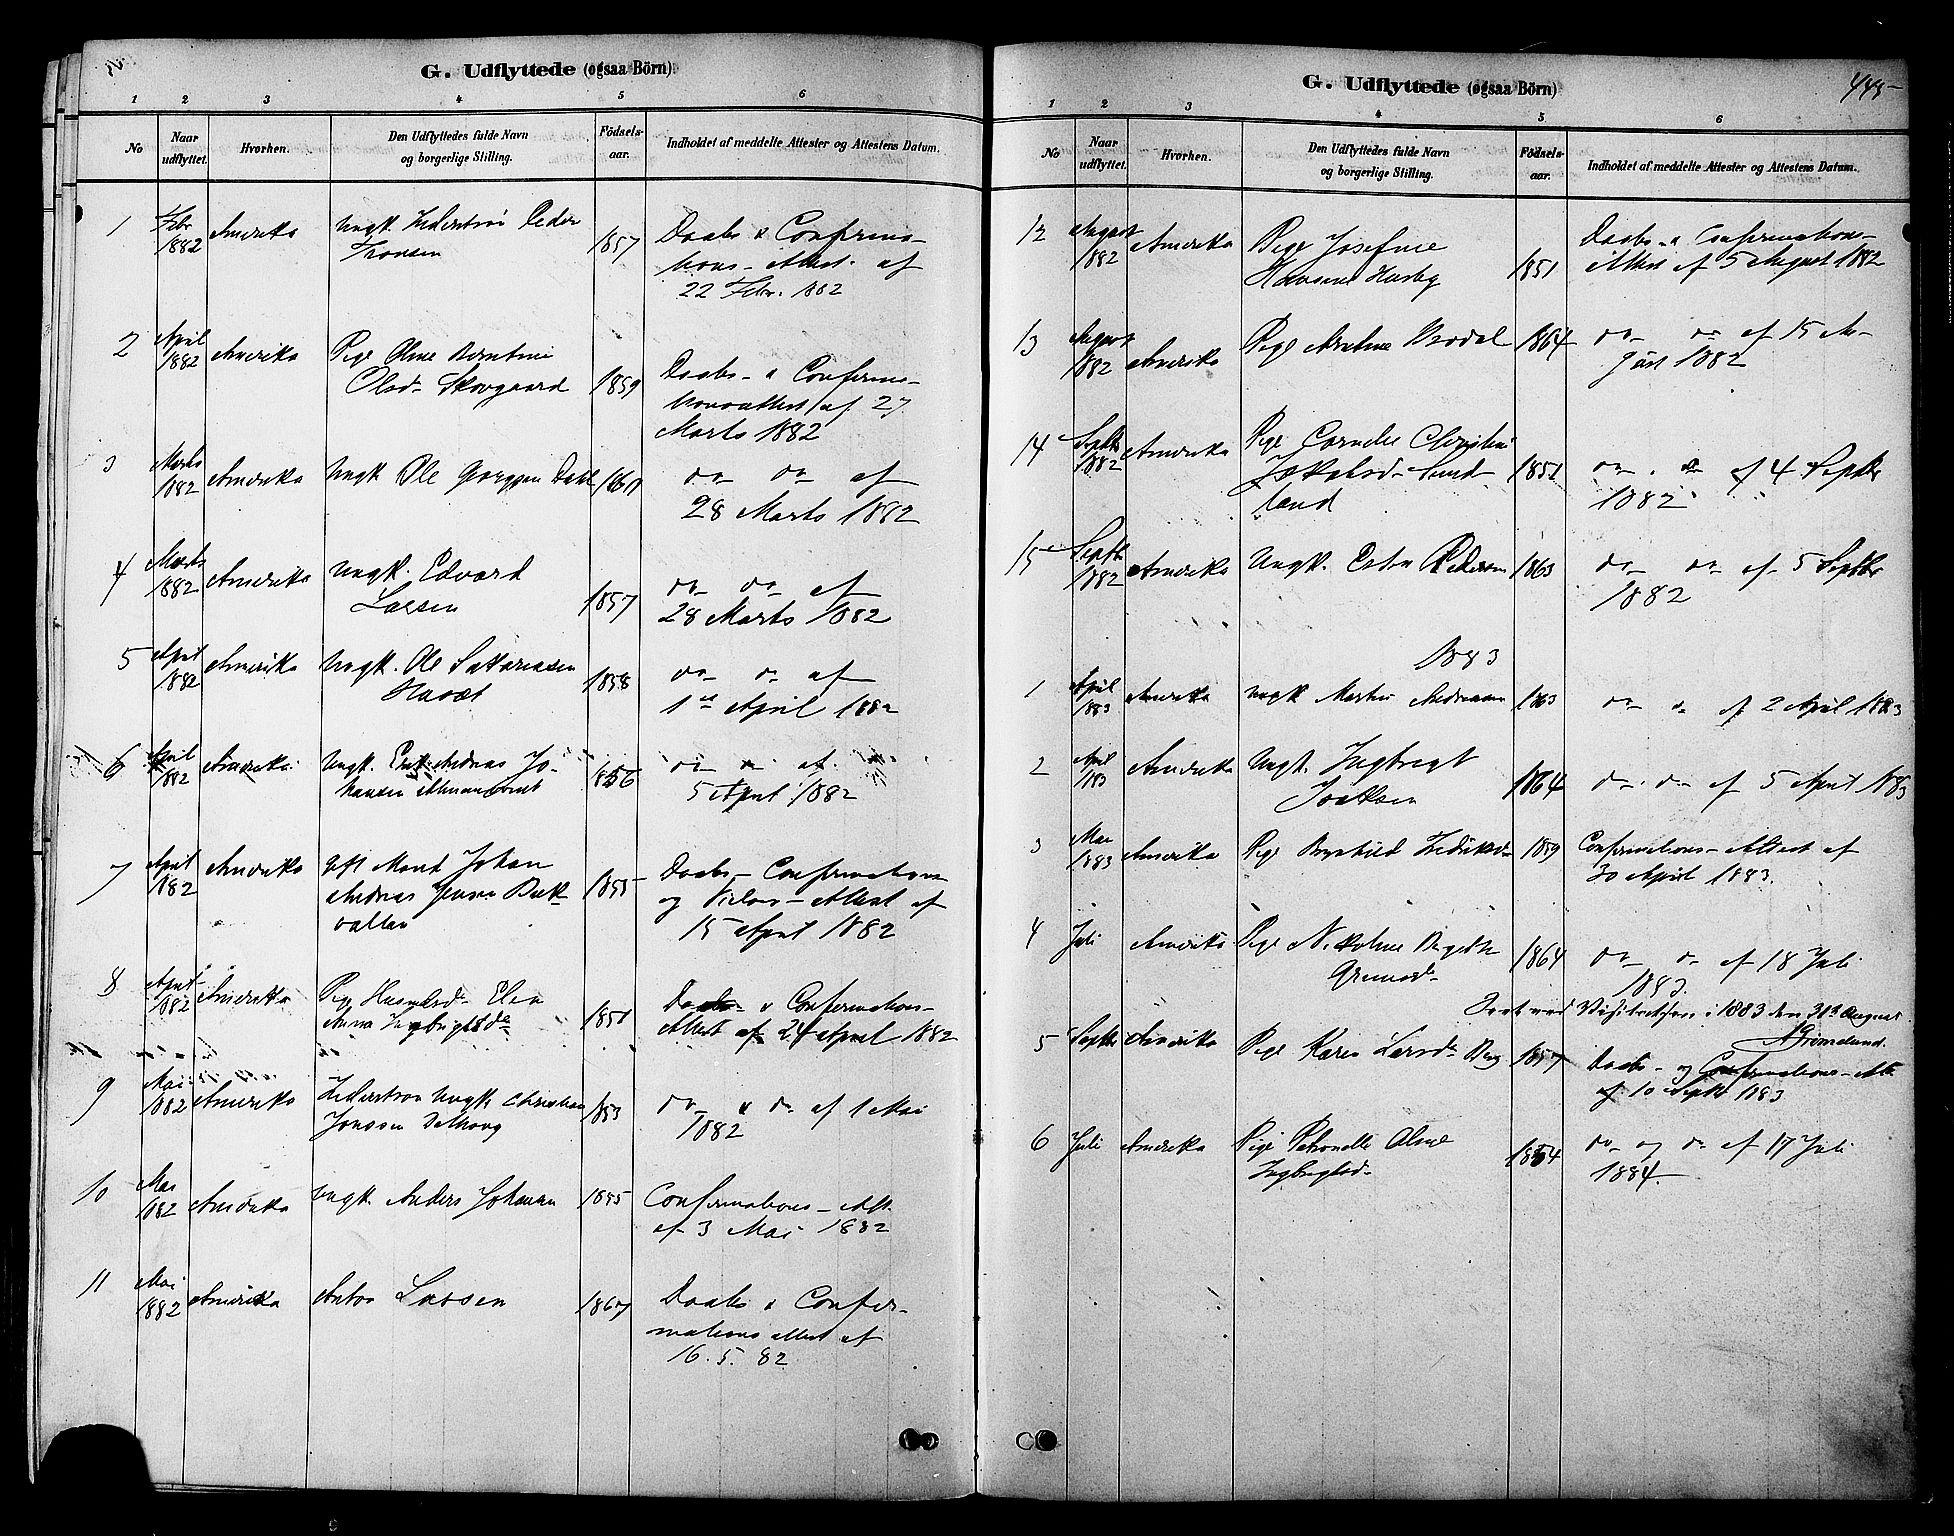 SAT, Ministerialprotokoller, klokkerbøker og fødselsregistre - Sør-Trøndelag, 606/L0294: Ministerialbok nr. 606A09, 1878-1886, s. 445